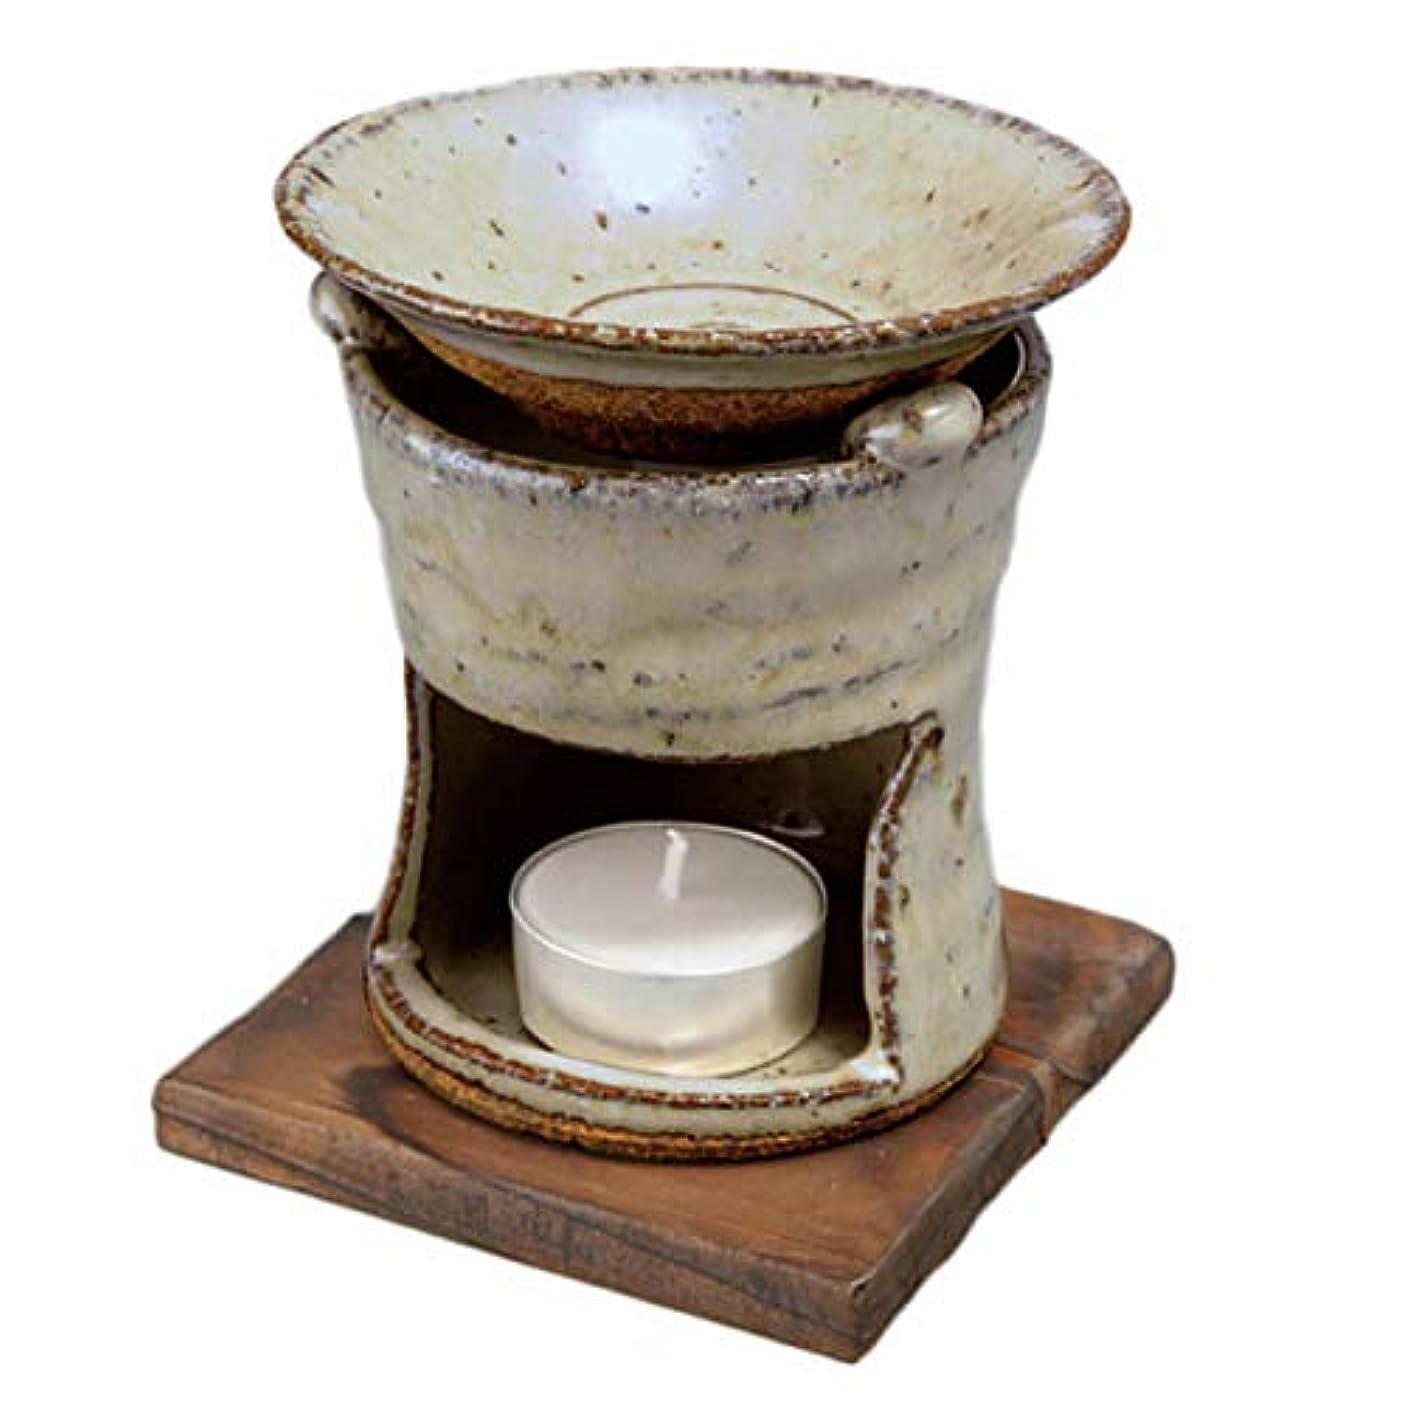 手造り 茶香炉/茶香炉 伊良保/アロマ 癒やし リラックス インテリア 間接照明